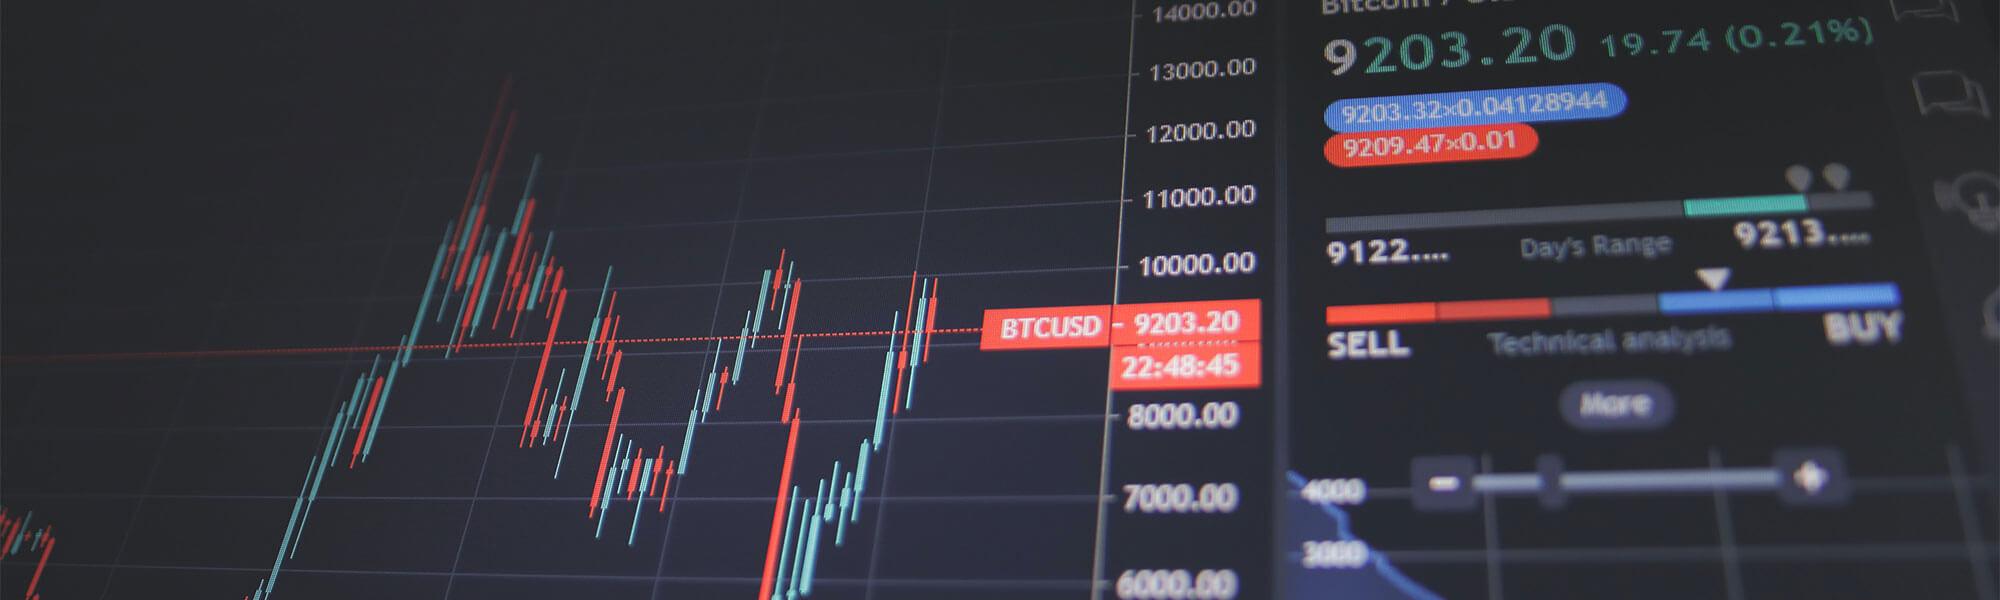 Bitcoin data